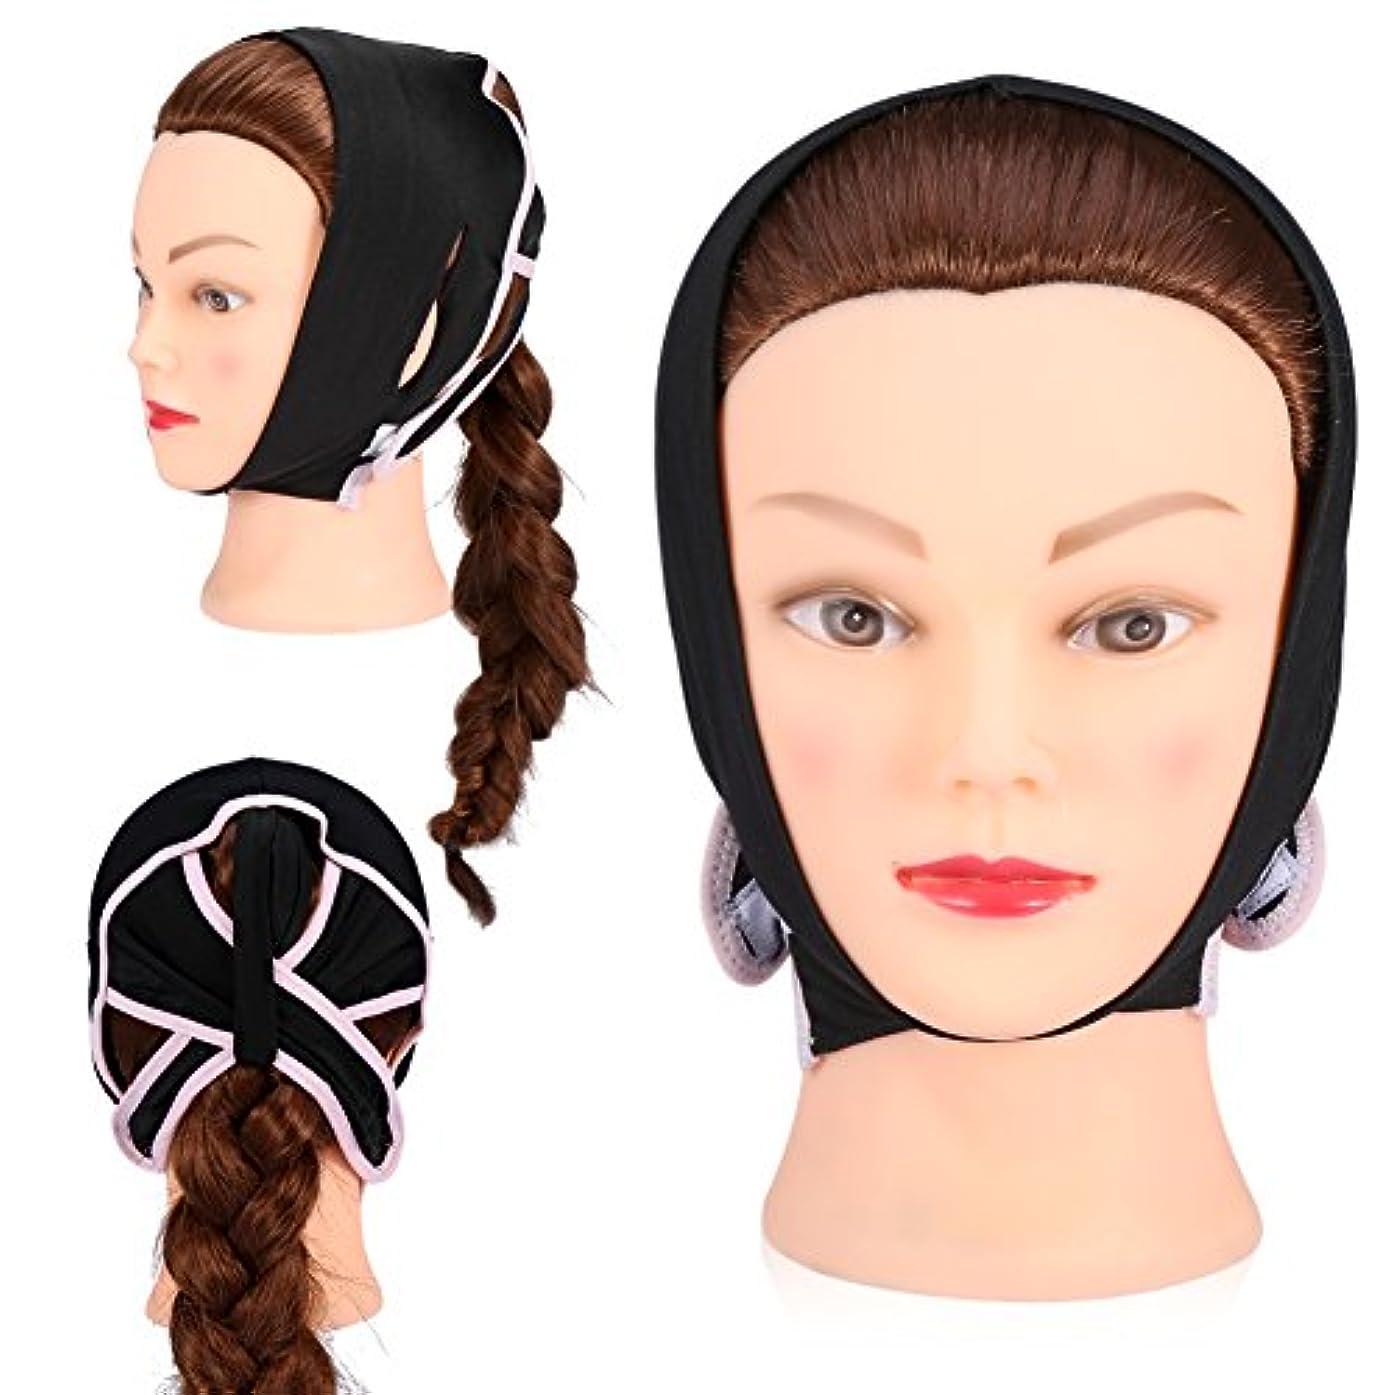 村石化する進むフェイスケアのための顔面V字型包帯フェイシャルスリミングマスク薄い首のフェイスリフトダブルチン女性用、黒(L)